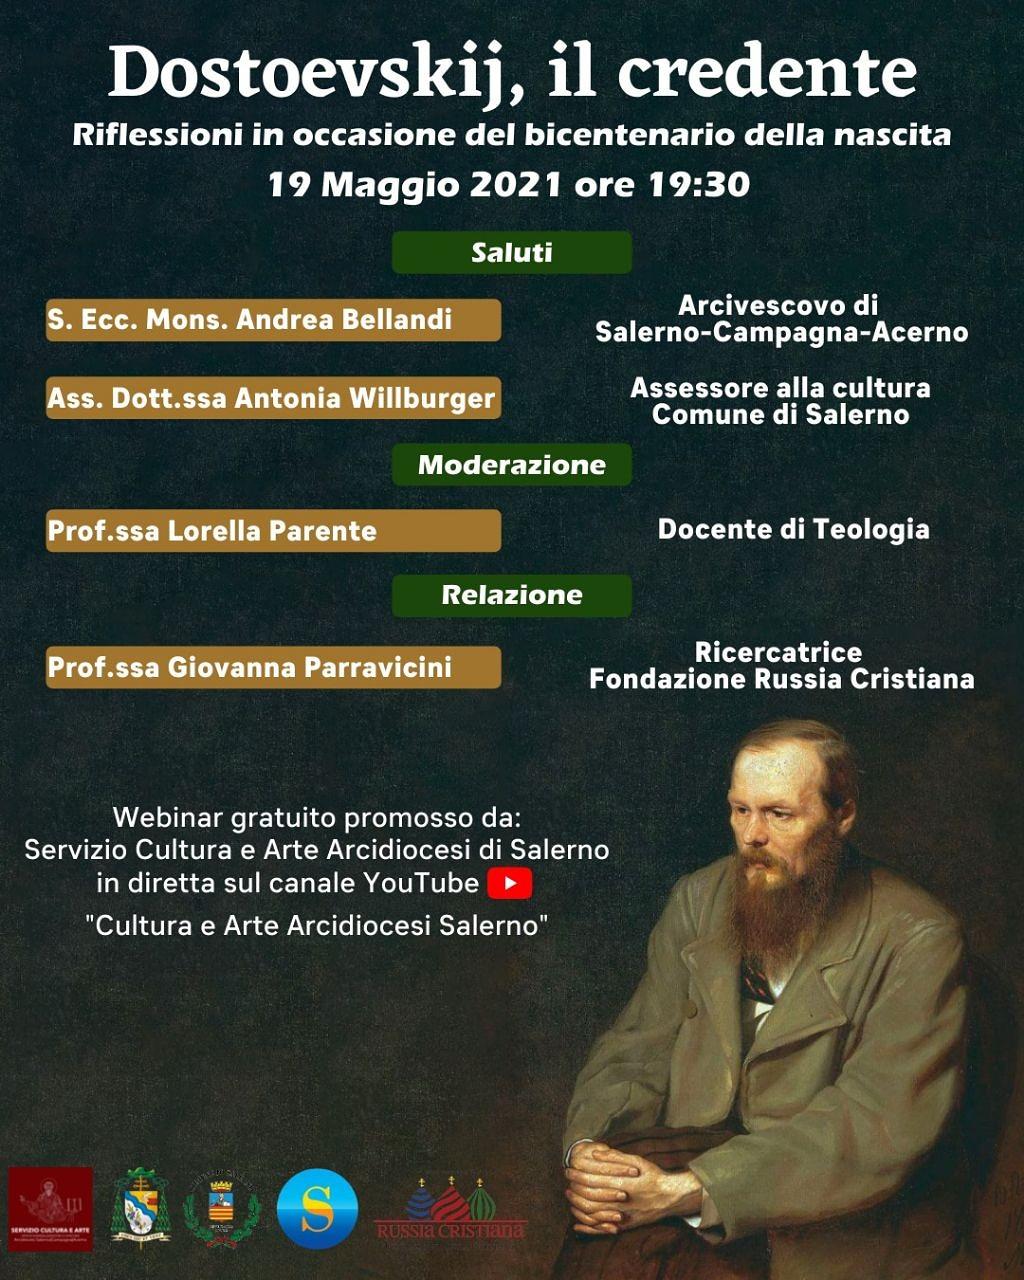 Dostoevskij il credente